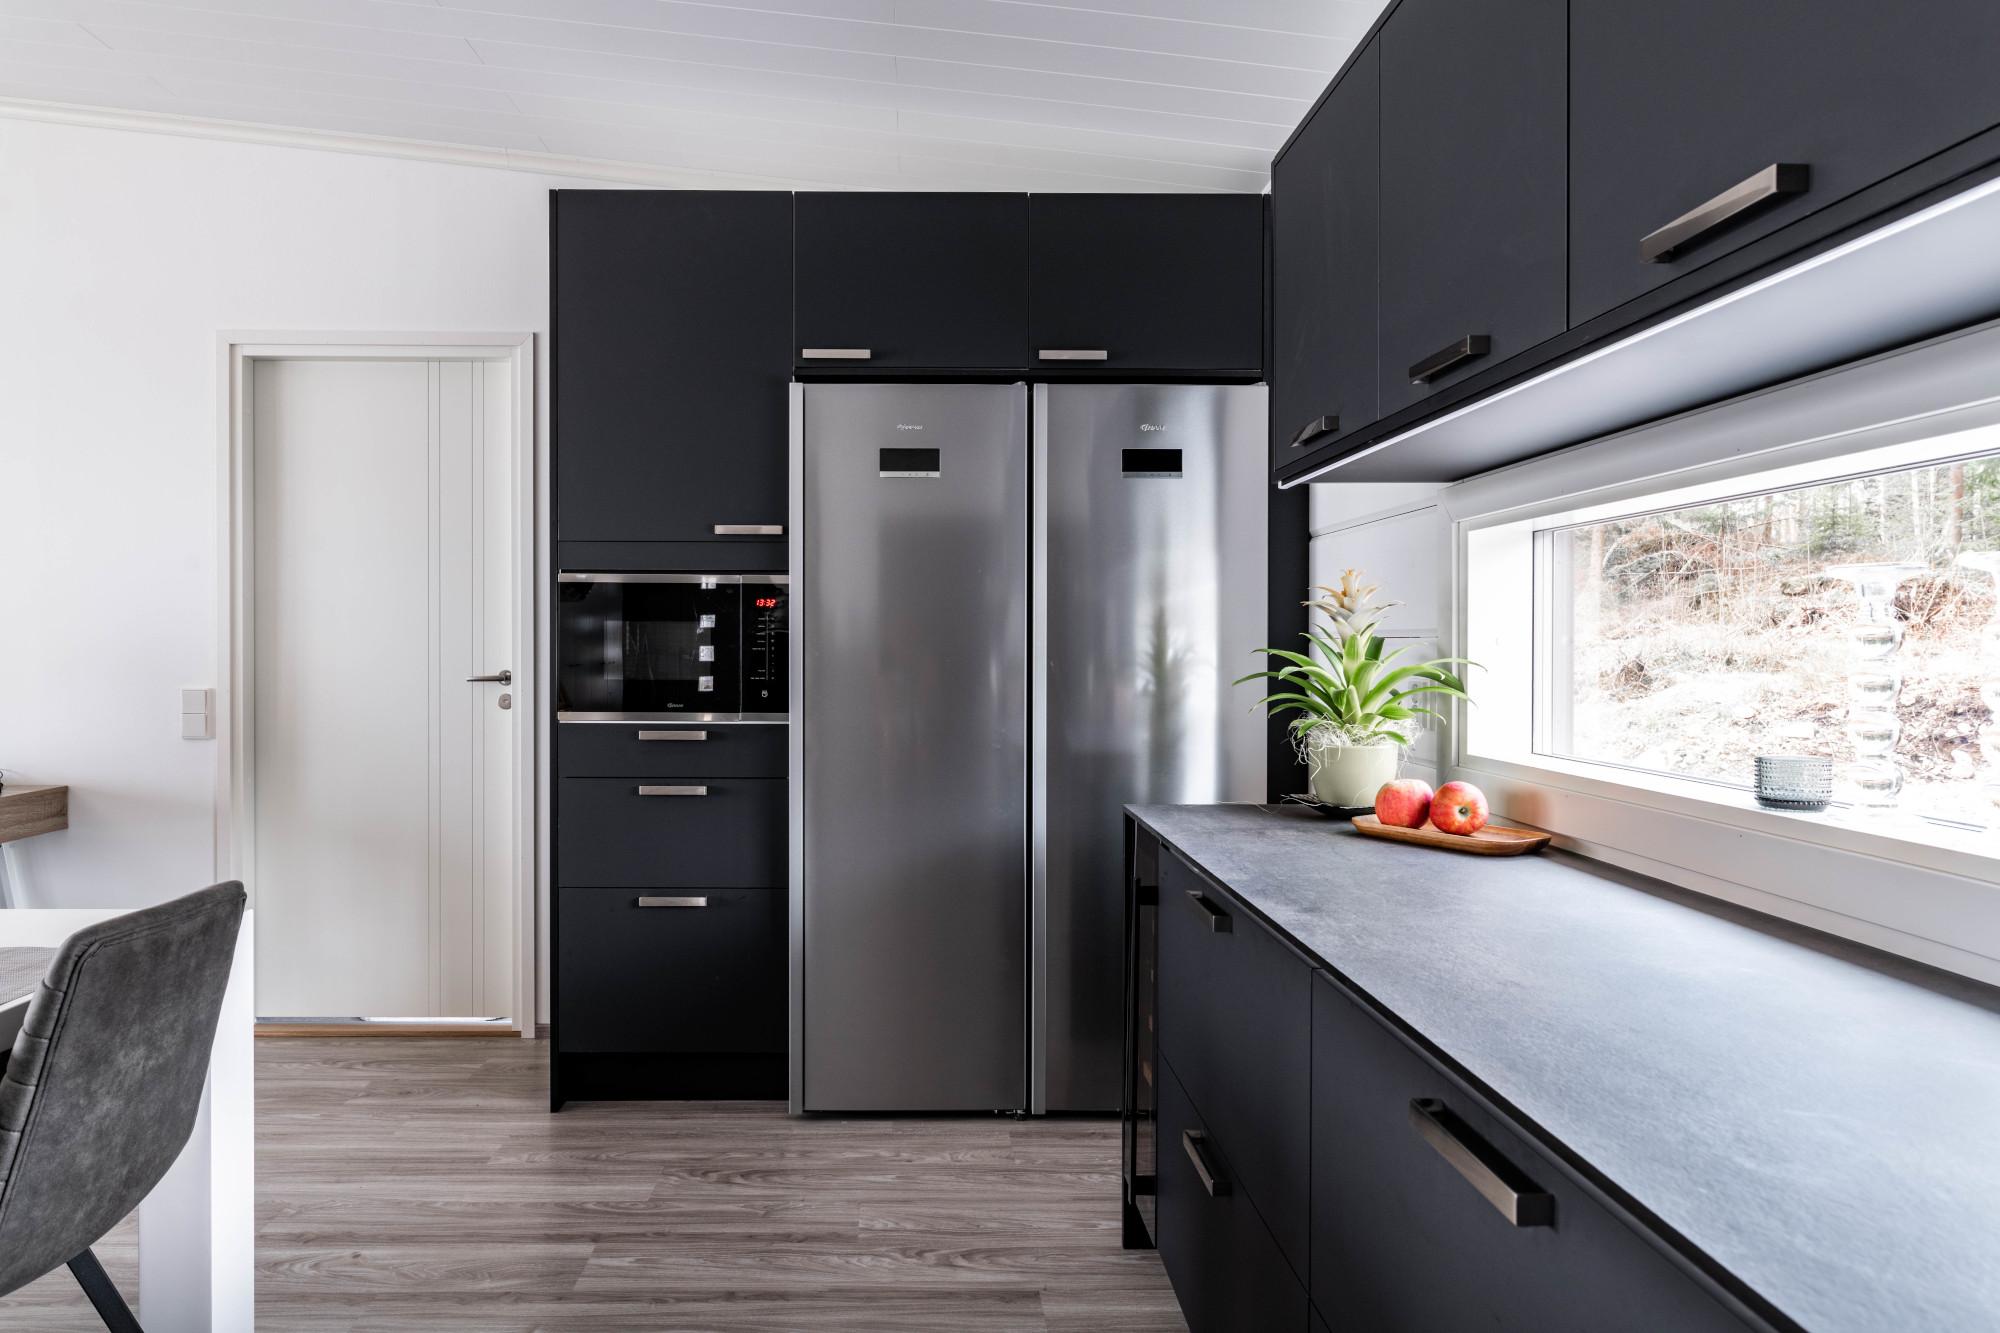 keittiökalusteet savonlinna - mitta-keittiöt